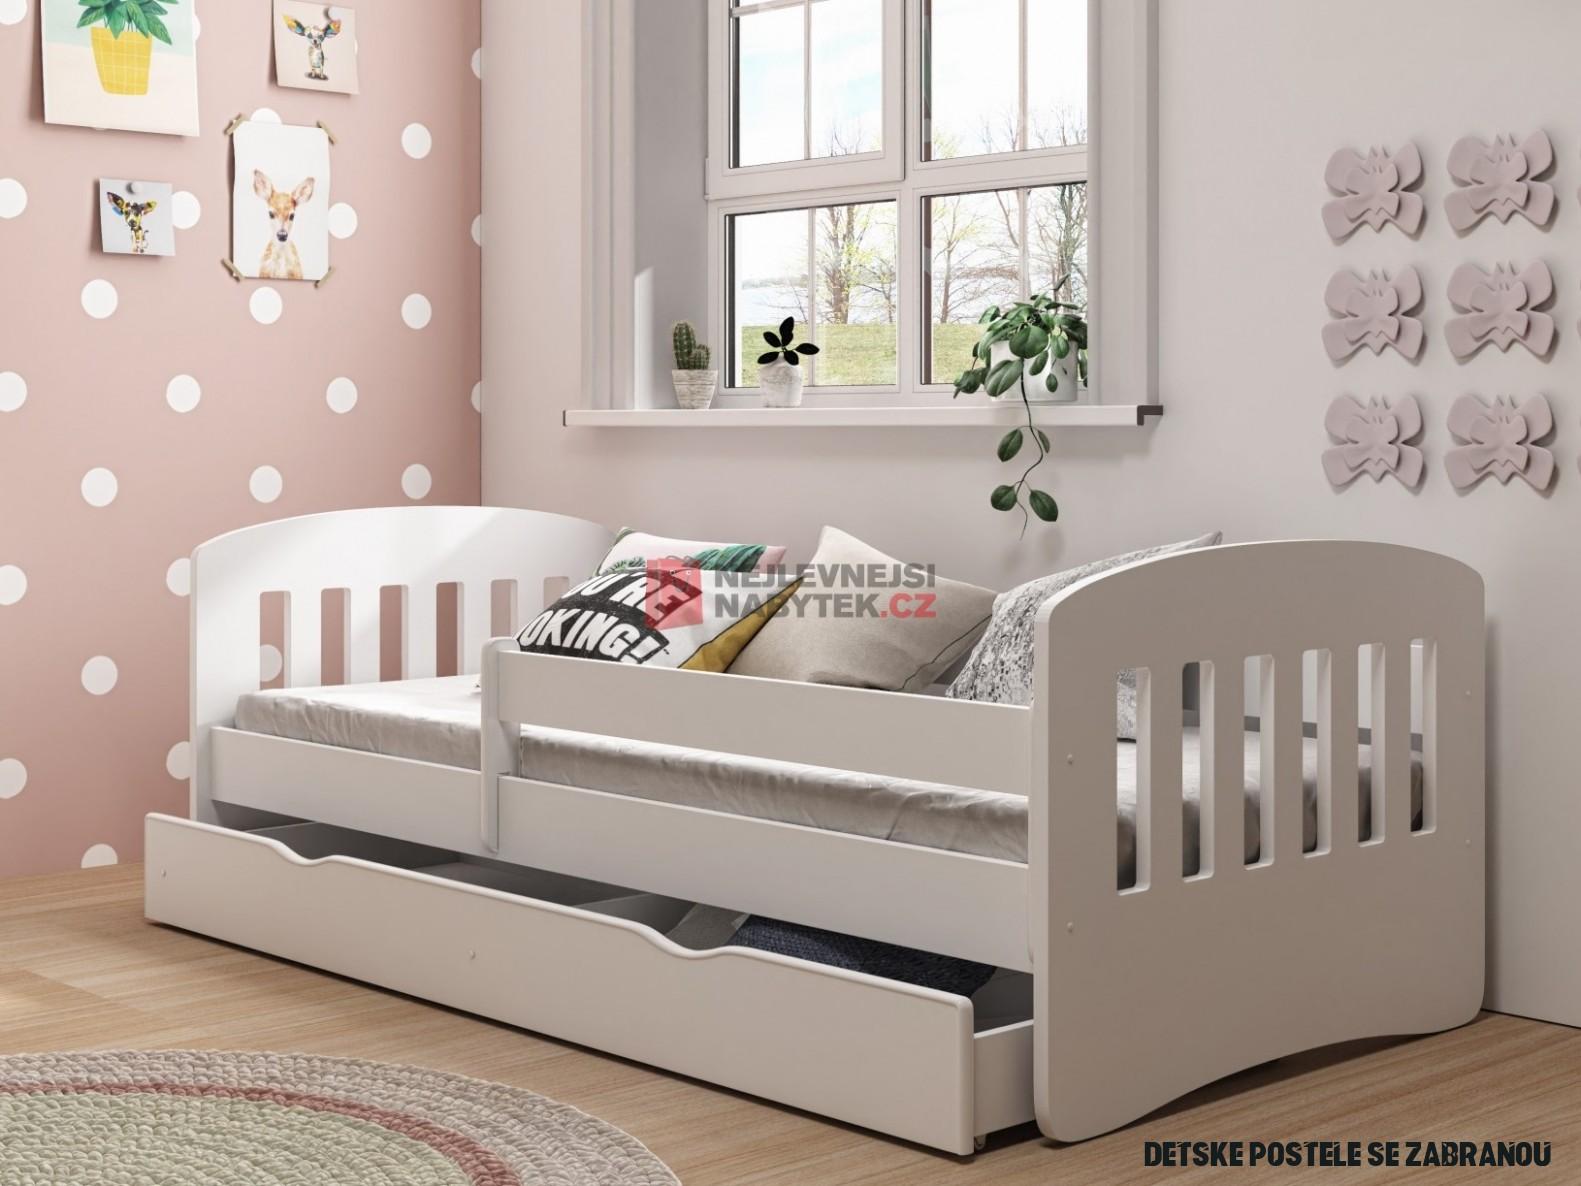 Dětská postel se zábranou a zásuvkou SINIOLCHU 8 8x840 cm, bílá